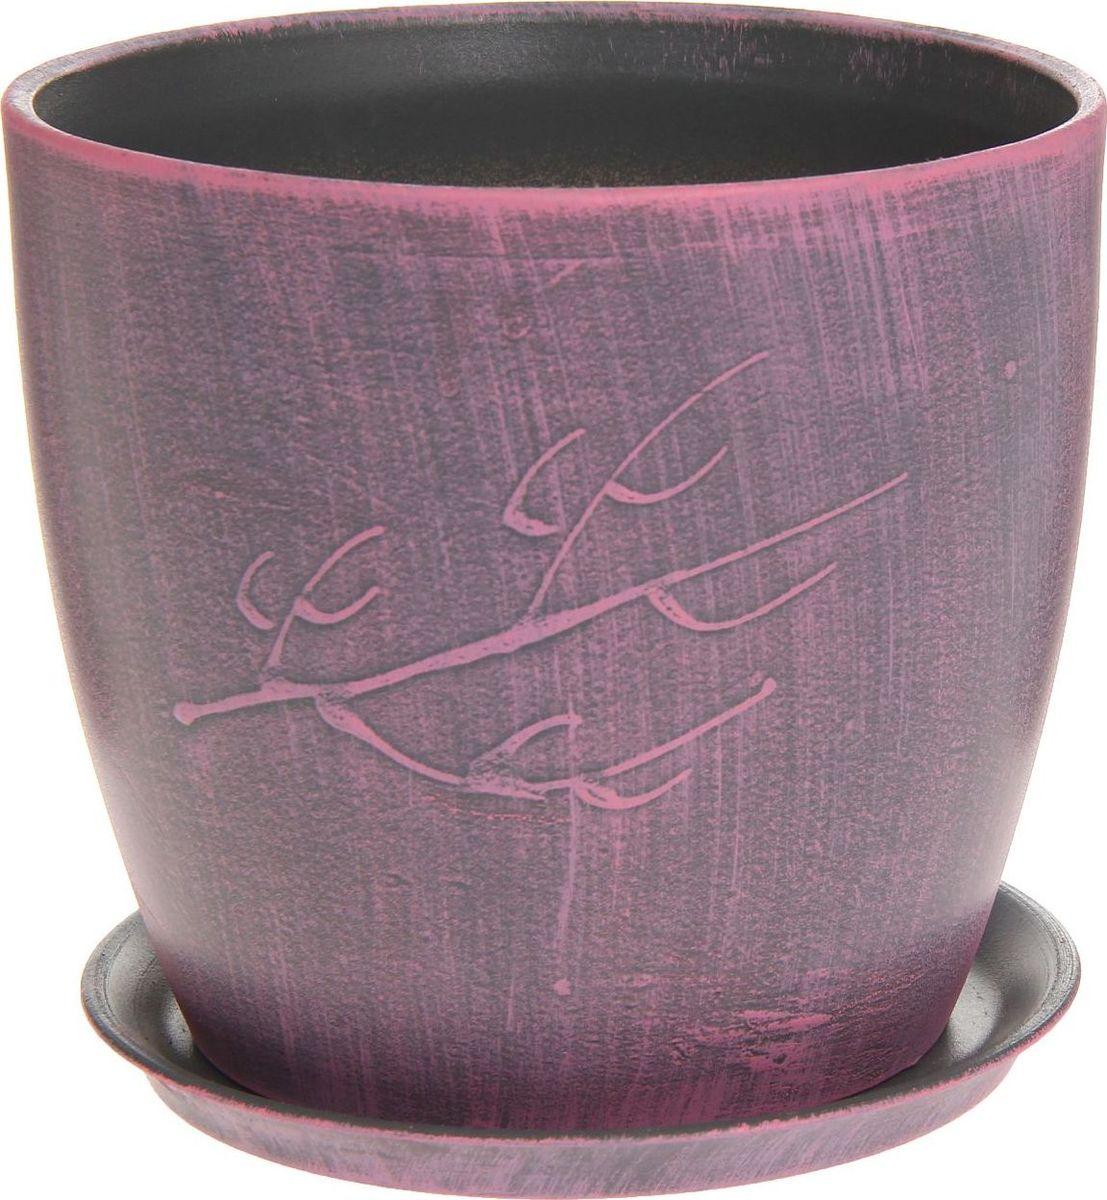 Кашпо Керамика ручной работы Осень. Патина, цвет: розовый, 3 л1170349Комнатные растения — всеобщие любимцы. Они радуют глаз, насыщают помещение кислородом и украшают пространство. Каждому из них необходим свой удобный и красивый дом. Кашпо из керамики прекрасно подходят для высадки растений: за счёт пластичности глины и разных способов обработки существует великое множество форм и дизайновпористый материал позволяет испаряться лишней влагевоздух, необходимый для дыхания корней, проникает сквозь керамические стенки! #name# позаботится о зелёном питомце, освежит интерьер и подчеркнёт его стиль.